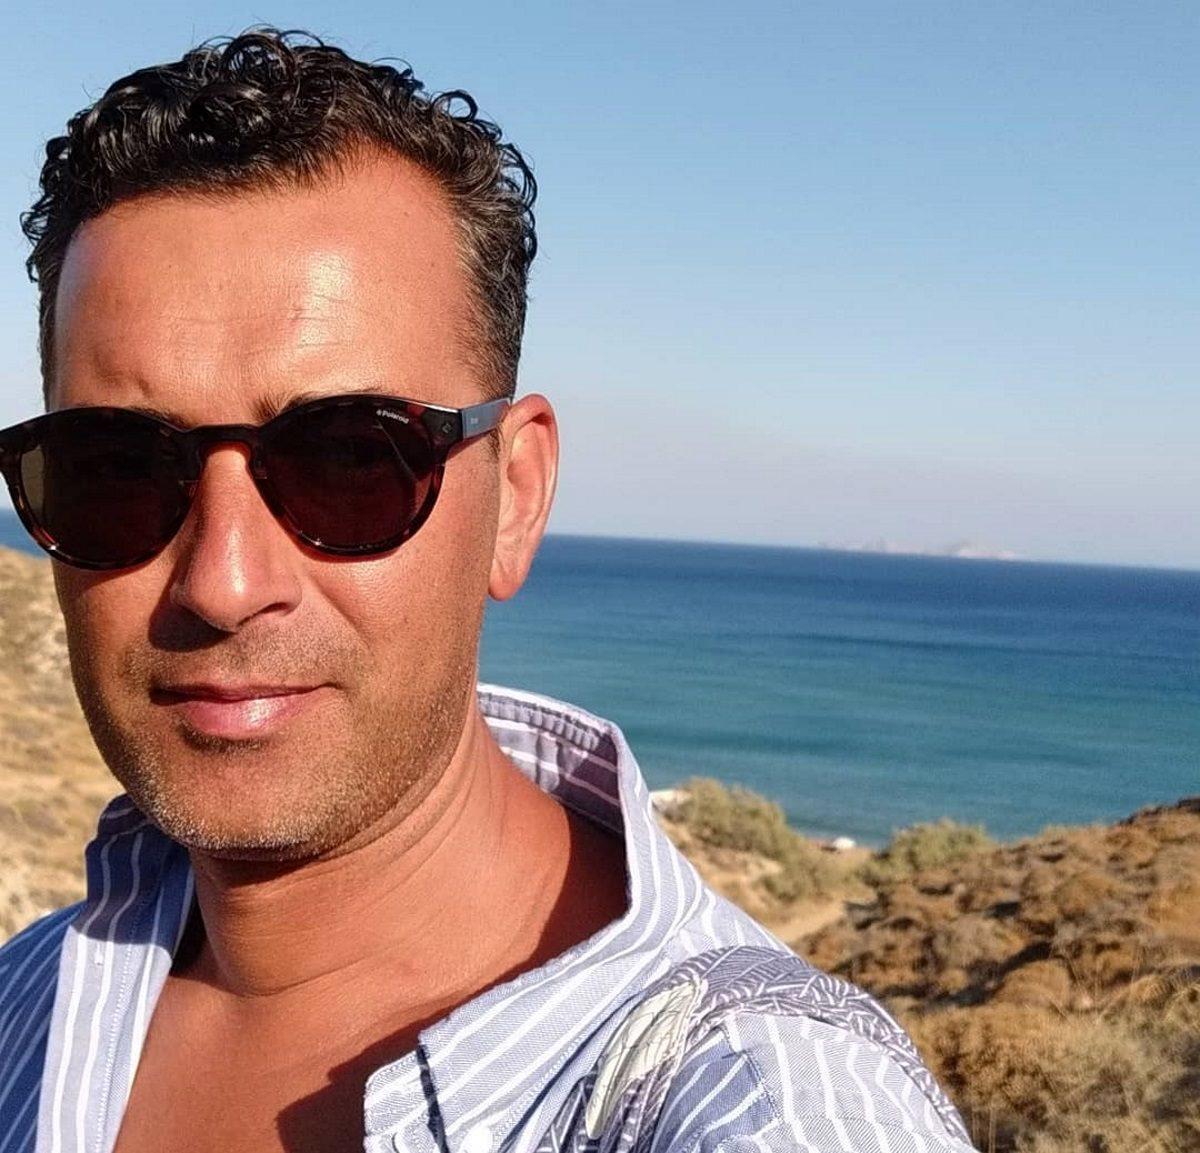 Άγγελος Μπράτης: Συγκινεί η φωτογραφία του, με δυο ανθρώπους της μόδας που έφυγαν | tlife.gr